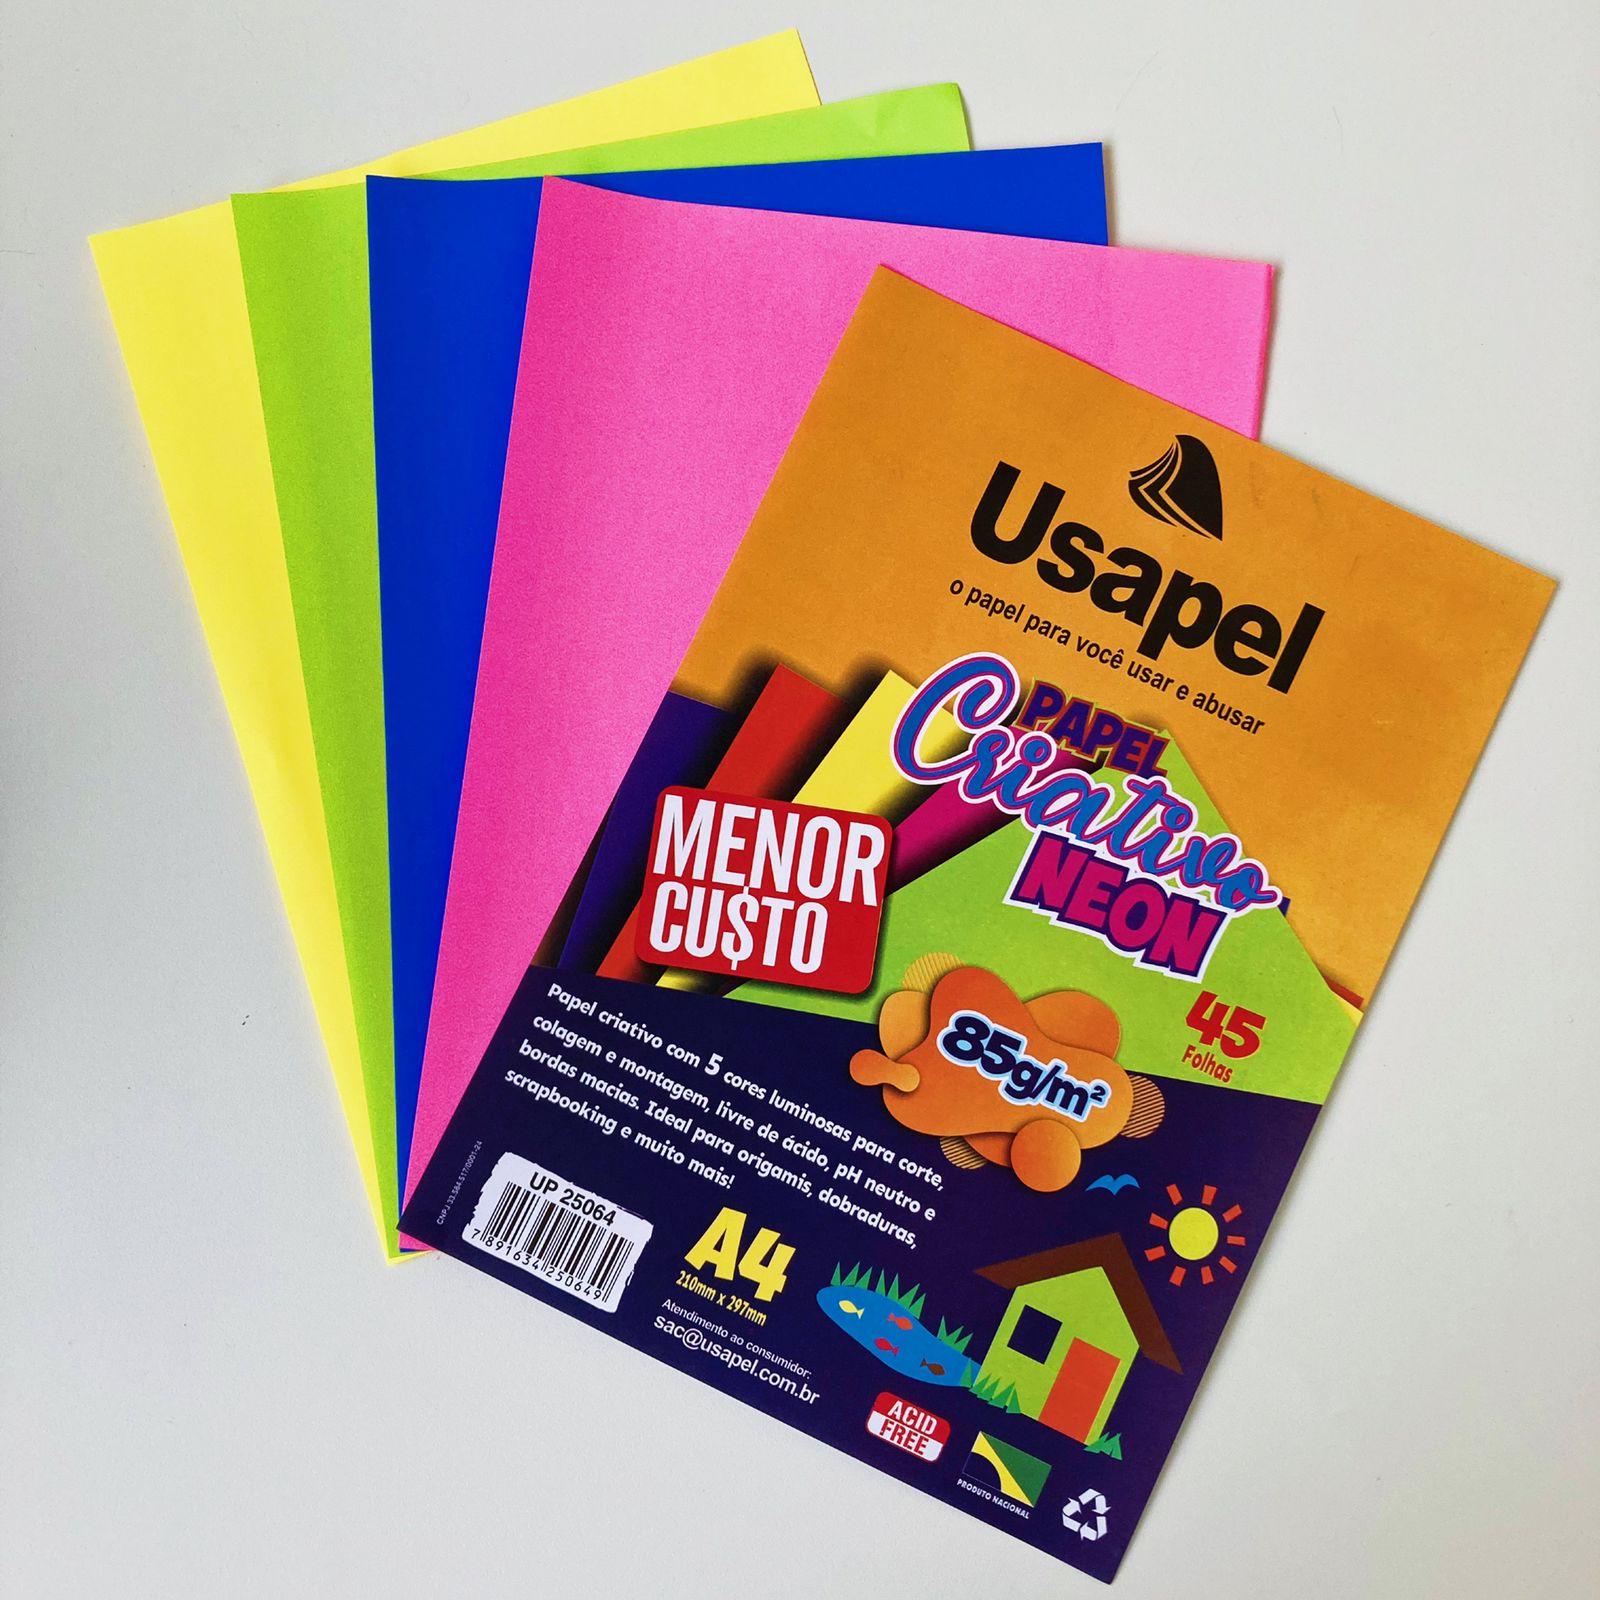 folhas de papel criativa com cinco cores neon luminosa   usapel